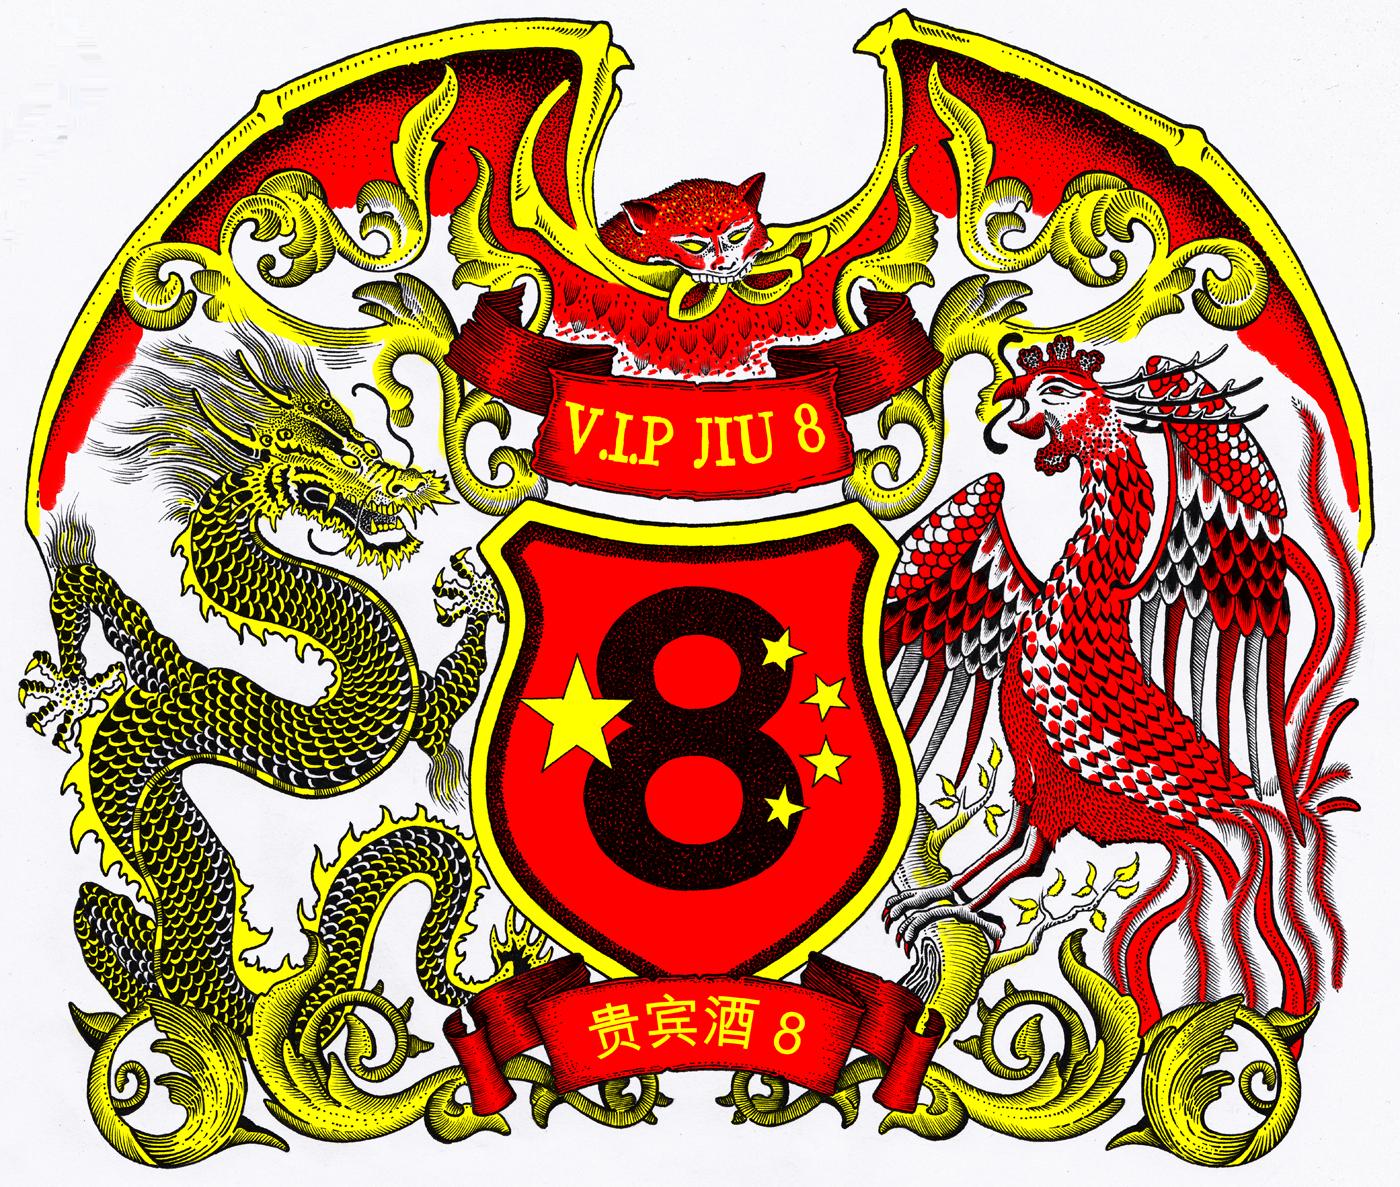 V.I.P Jiu 8 ™ – Historically The Best Baijiu In The World